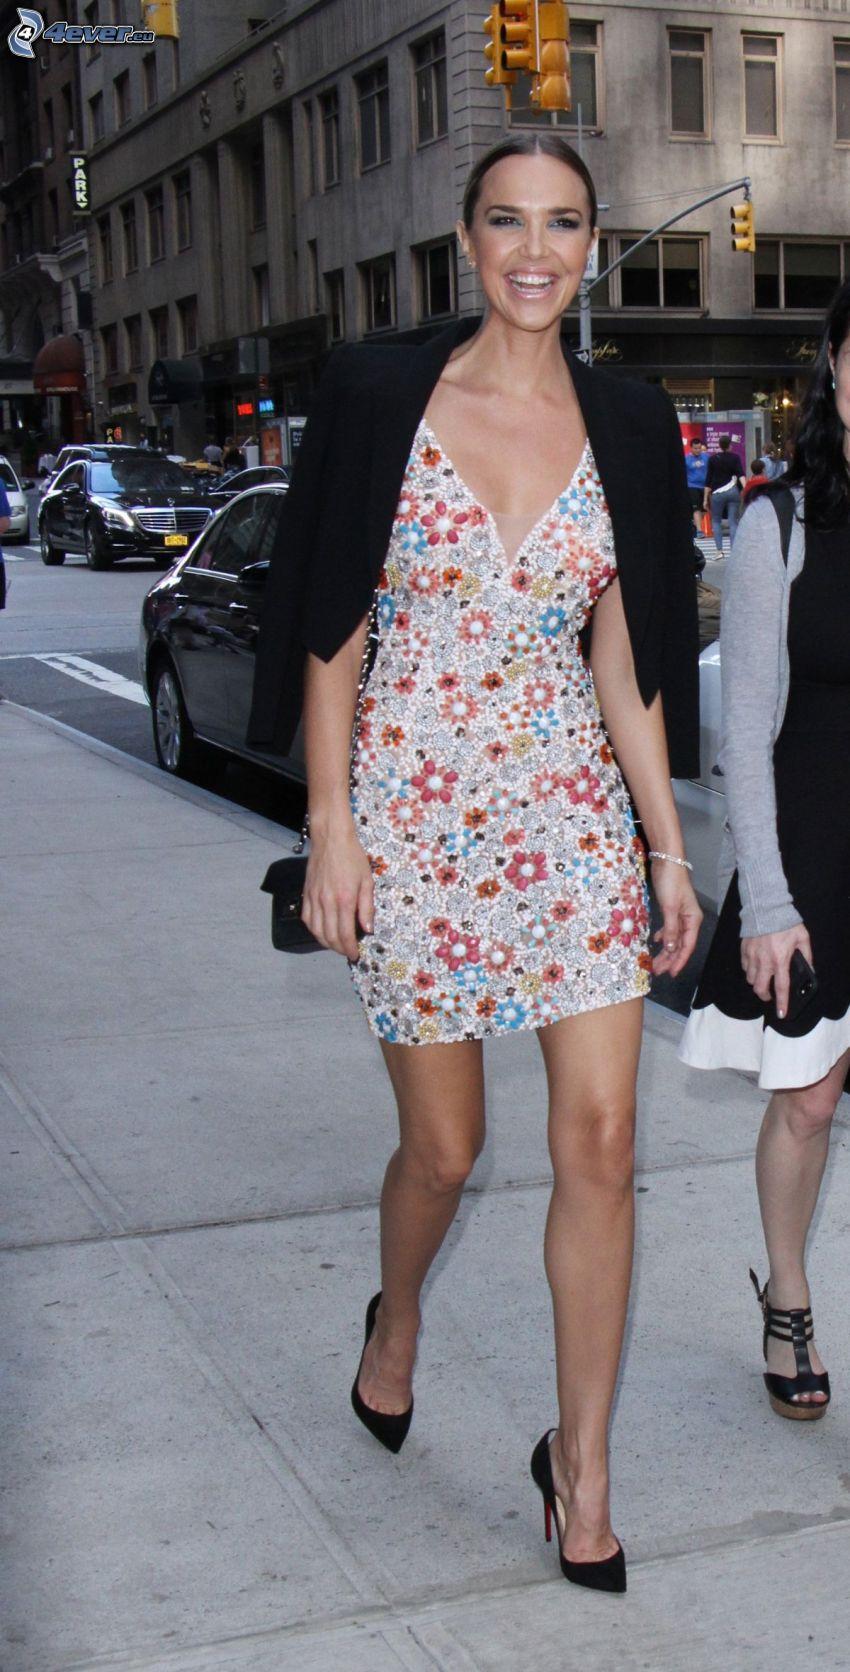 Arielle Kebbel, śmiech, szpilki, sukienka w kwiaty, ulica